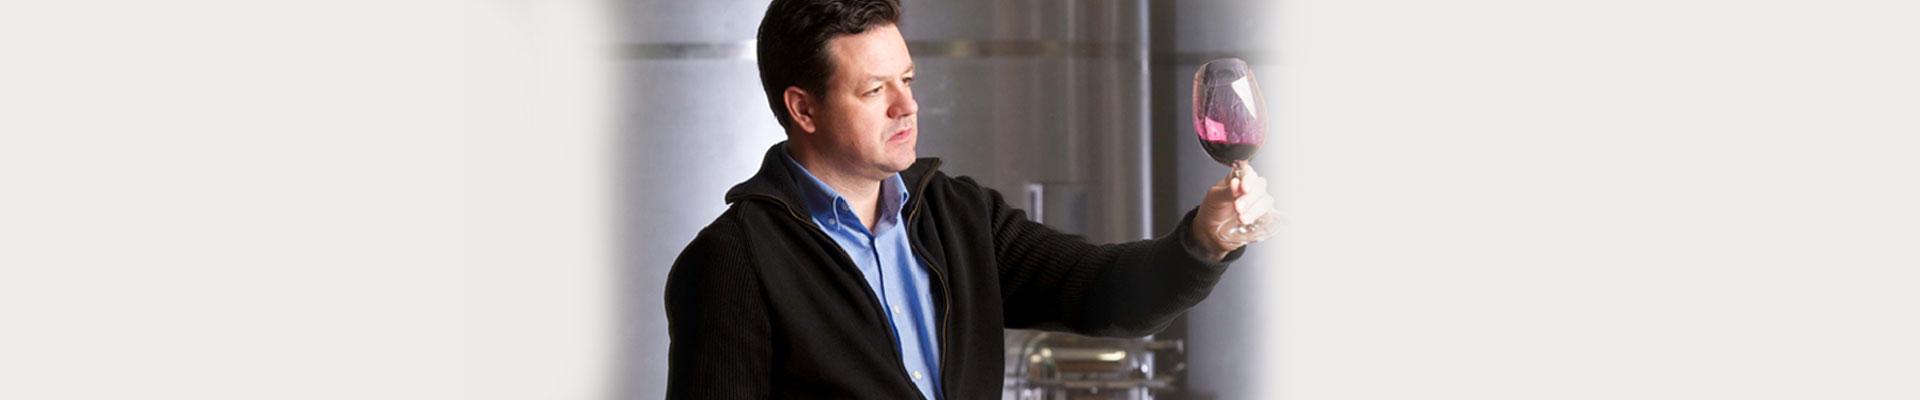 jose-ferrer-enologo-de-vinas-del-vero-nos-esforzamos-en-seguir-elaborando-vinos-modernos-y-sorprendentes